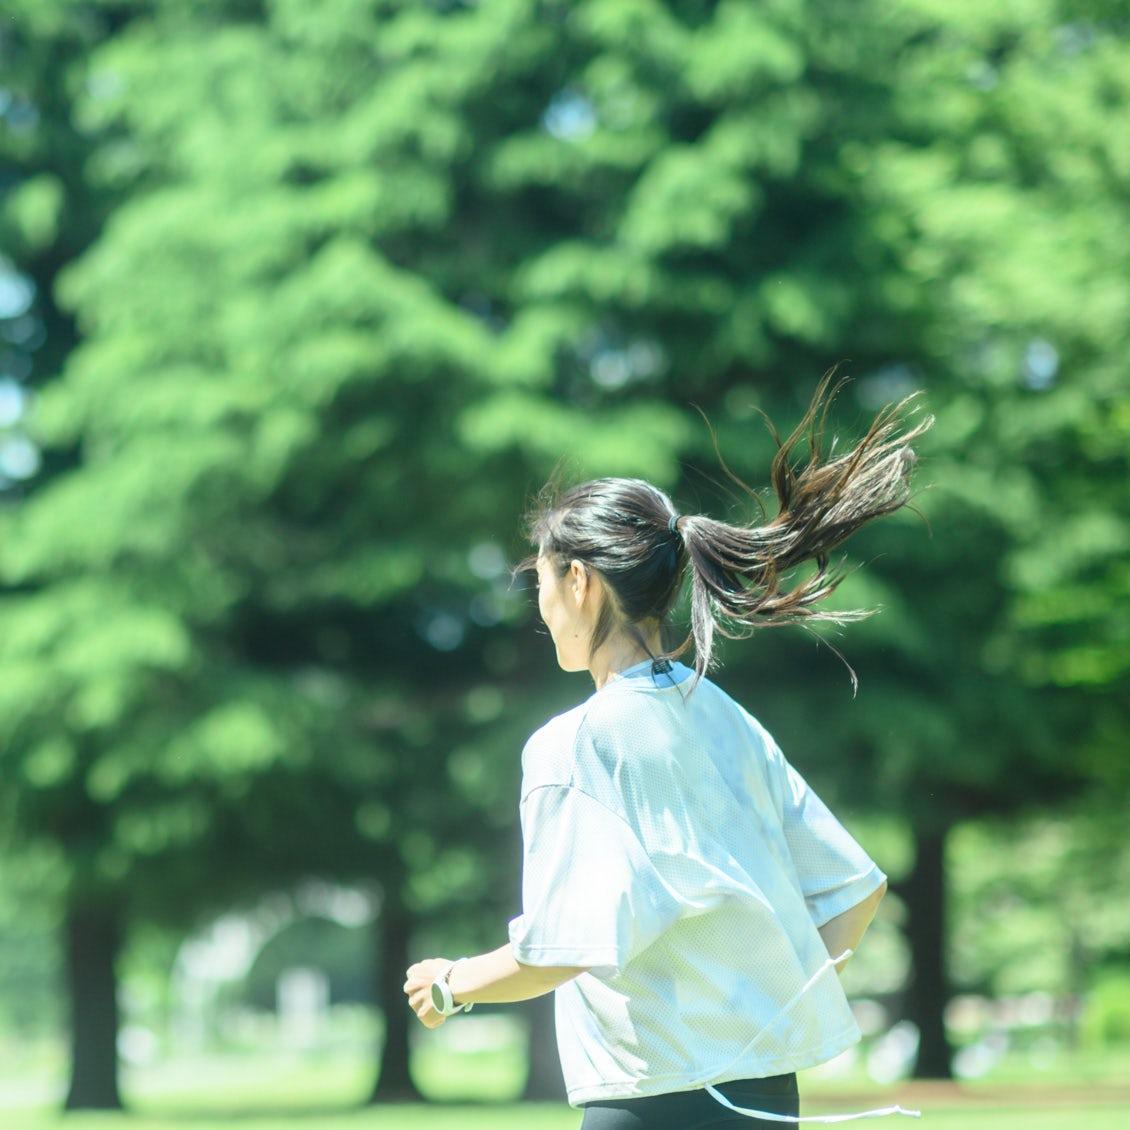 【ランニングはじめ】前編:これならできる!「1回30分」からの、気楽な一歩のふみ出し方